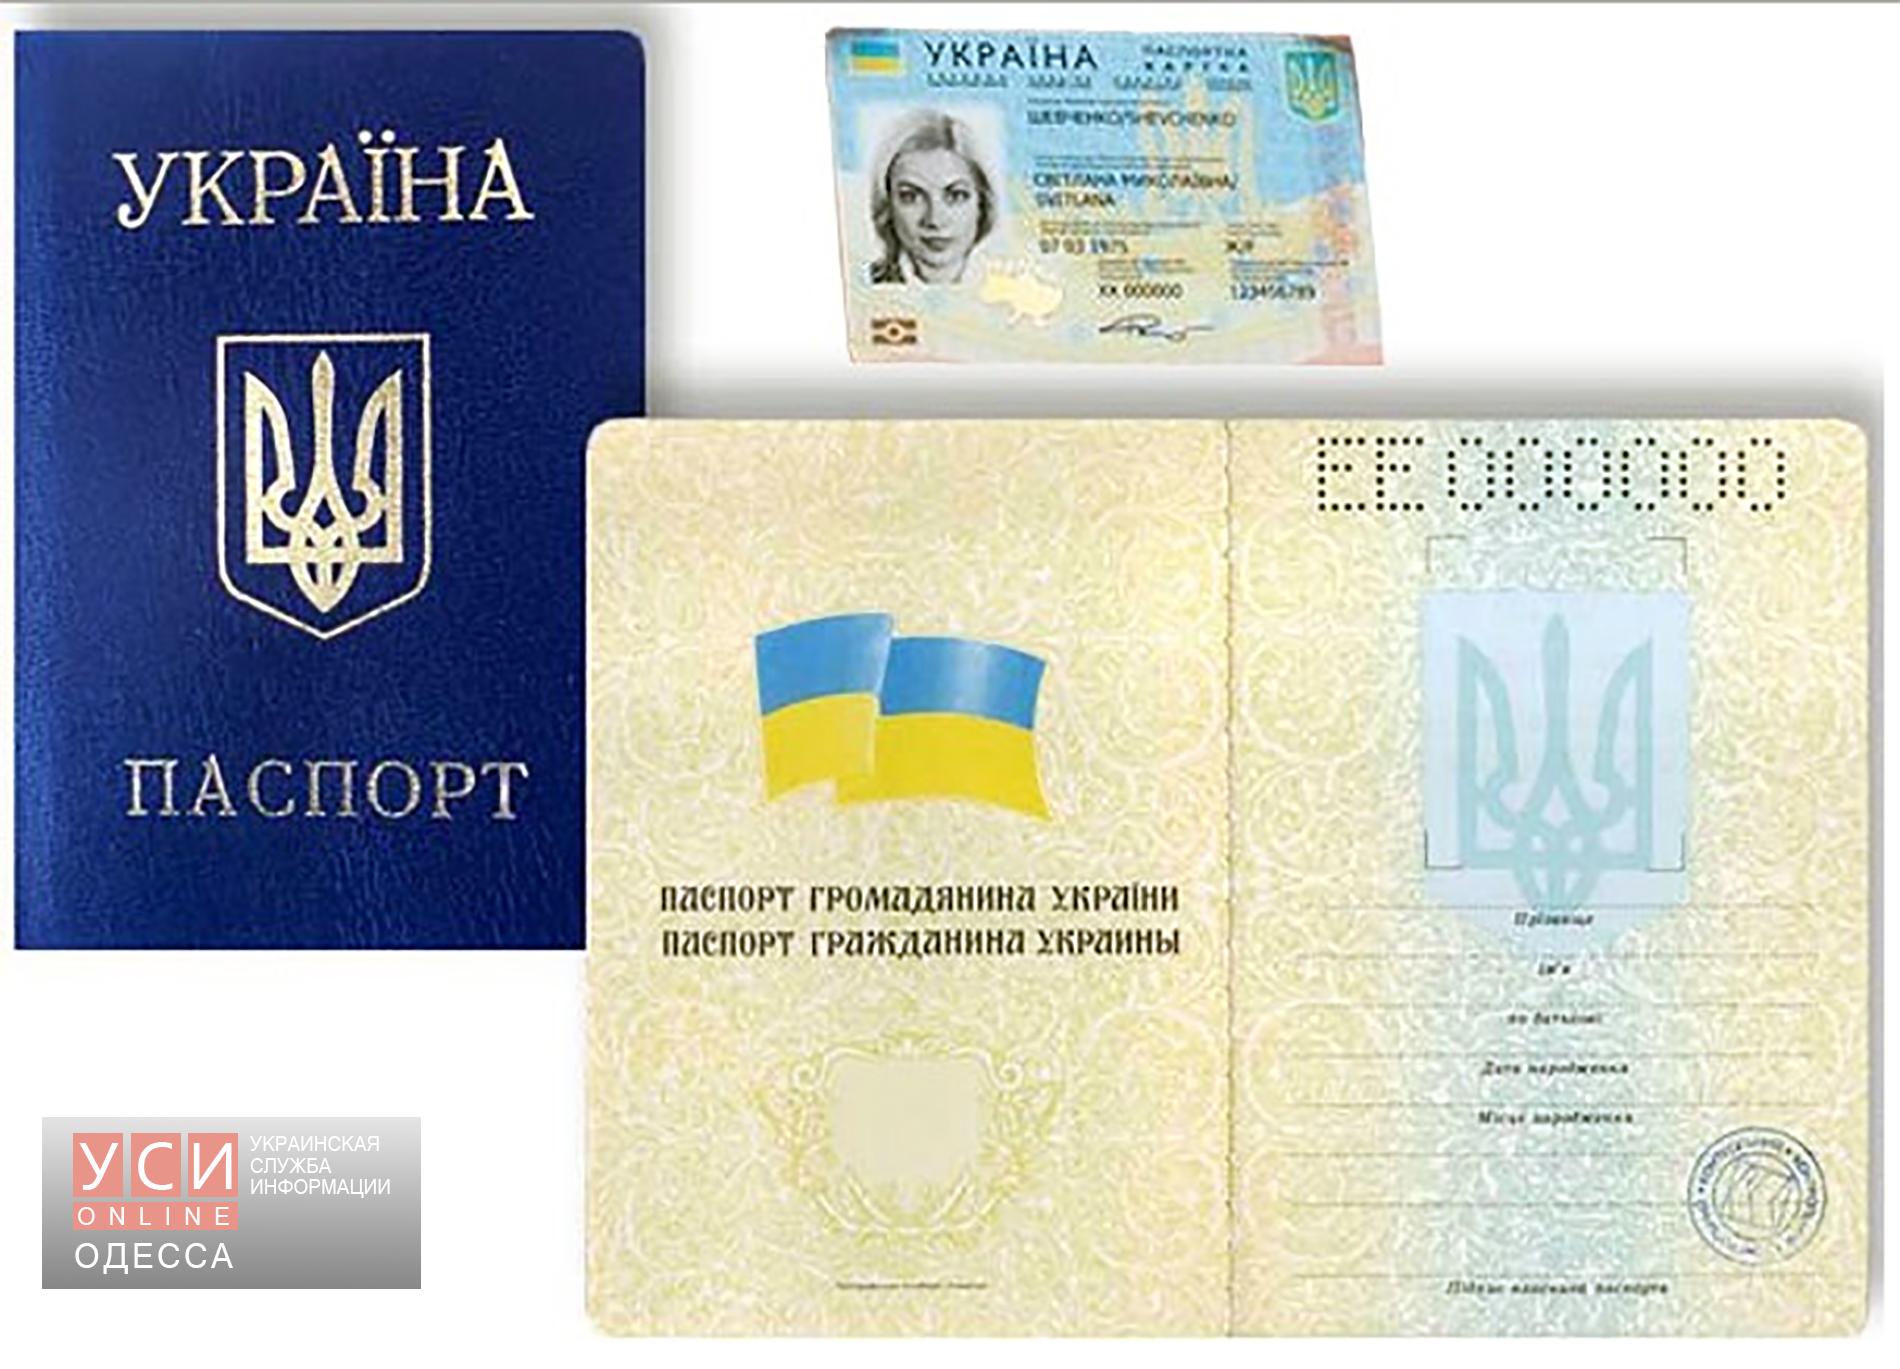 Скан паспорта украины своими руками